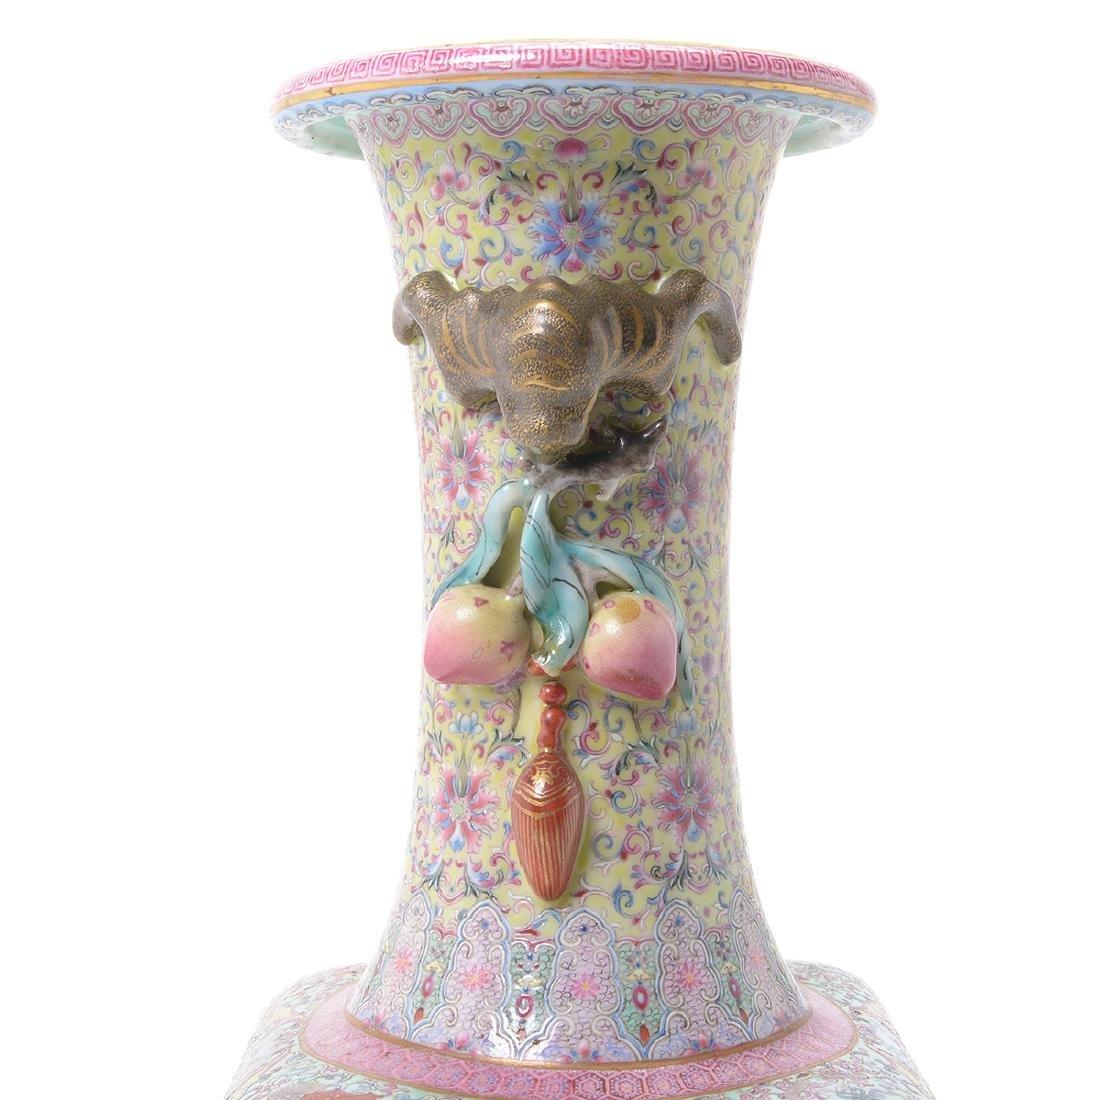 Famille Rose Square Form Vase, Republic Period - 2